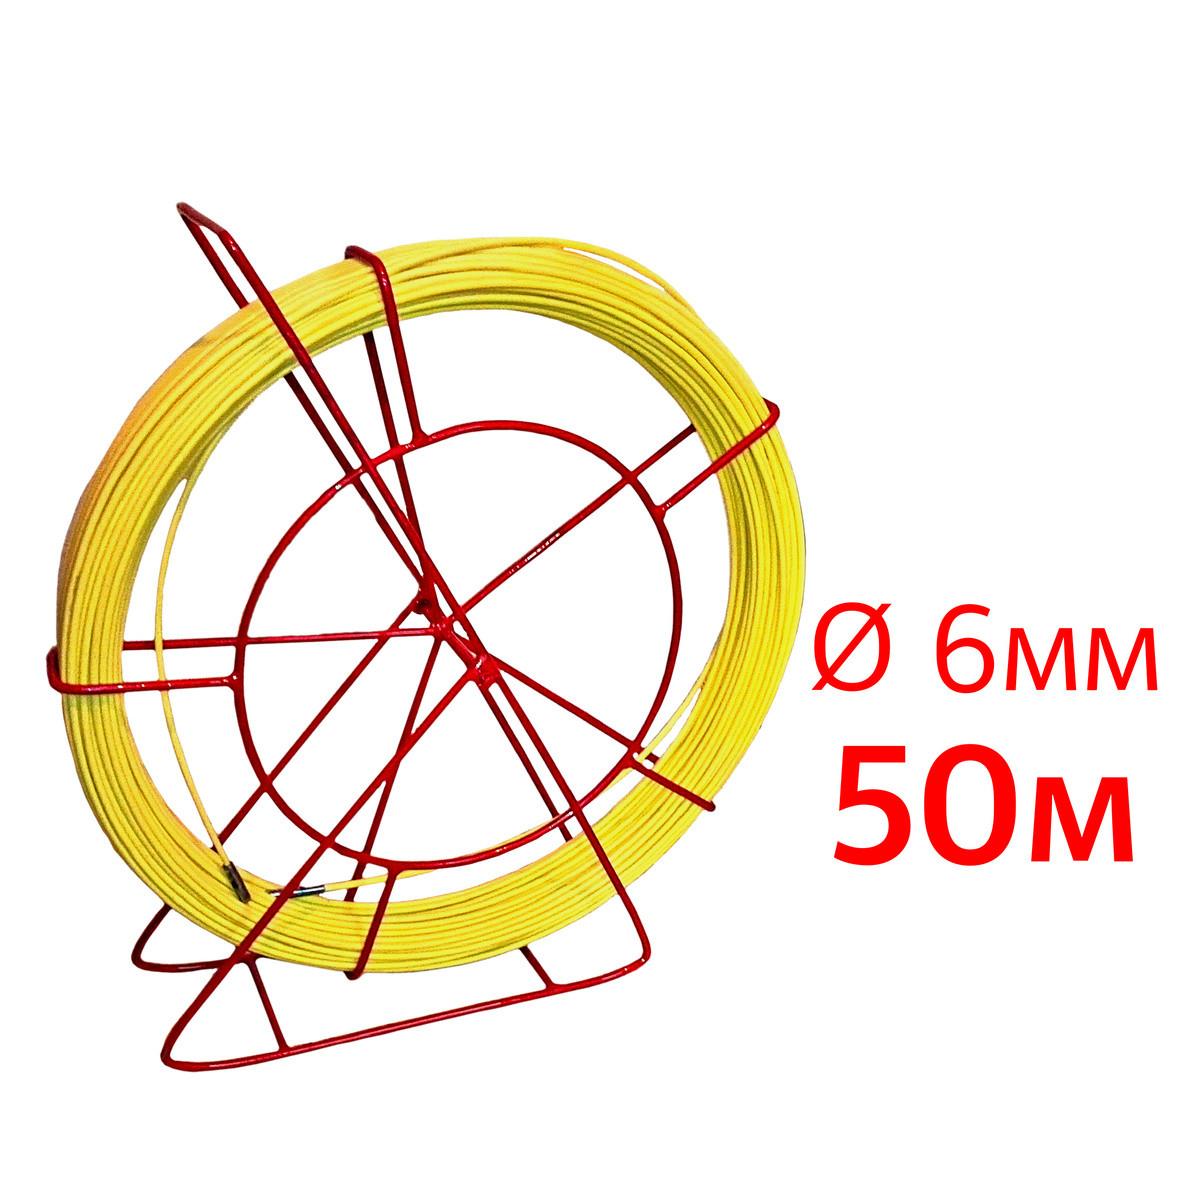 Кабельная протяжка, стеклопруток 6мм х 50м + 7 наконечников на тележке, узк, протяжка для кабеля 50 метров,